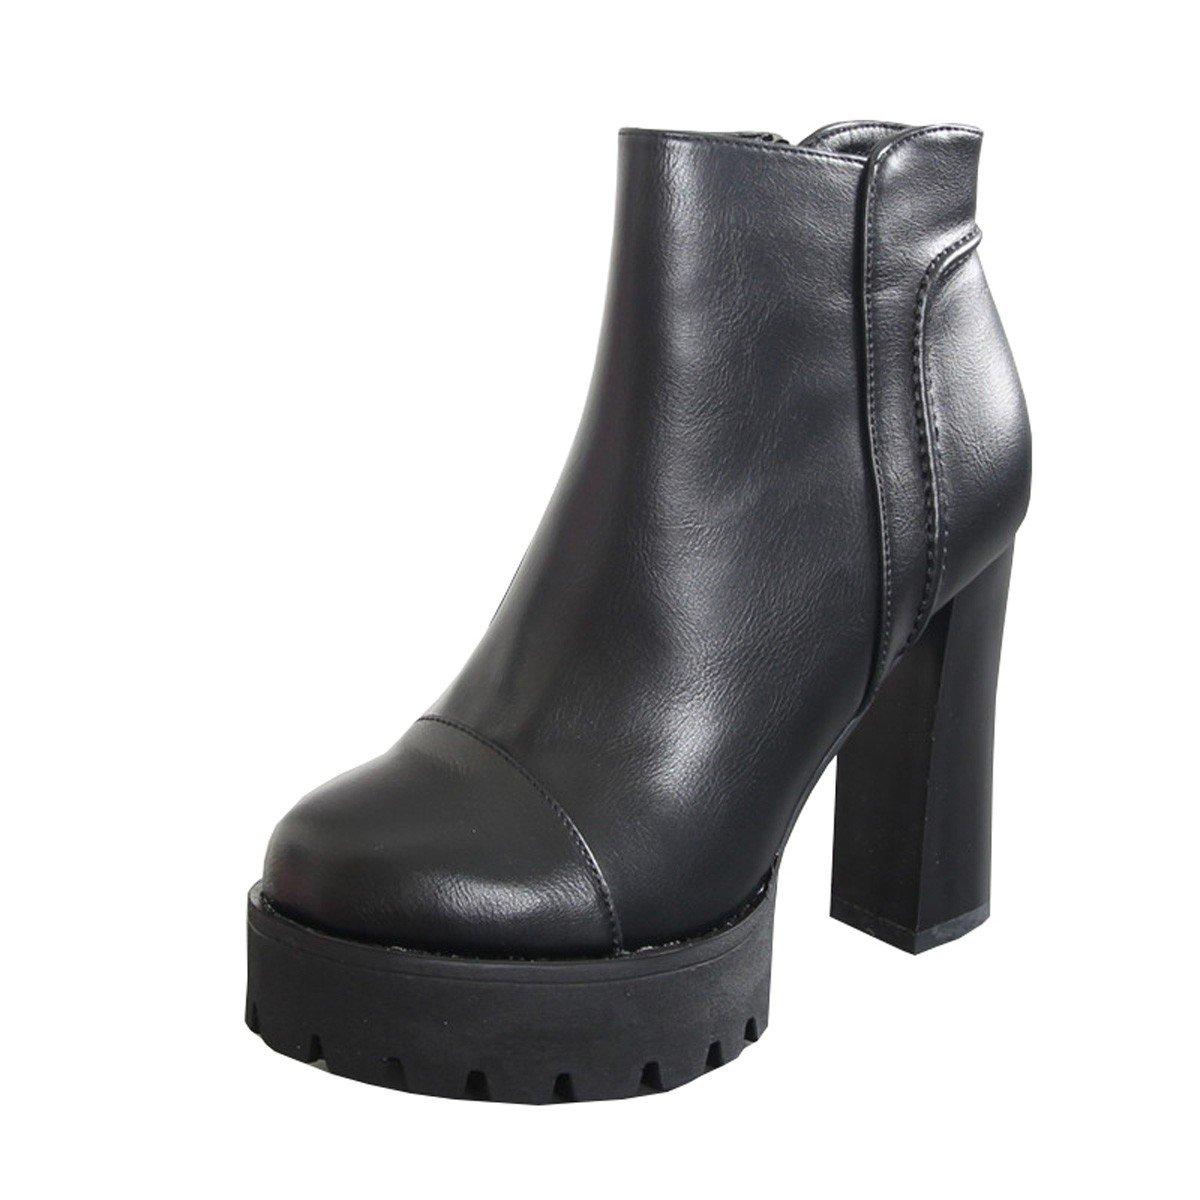 HBDLH-Damenschuhe Dick und Kurze Stiefel Weiblich Flanell Warme Stiefel Martin Stiefel Winter Schwarz Wilde Wasserdicht - Plattform 12Cm Hochhackigen Stiefeln.